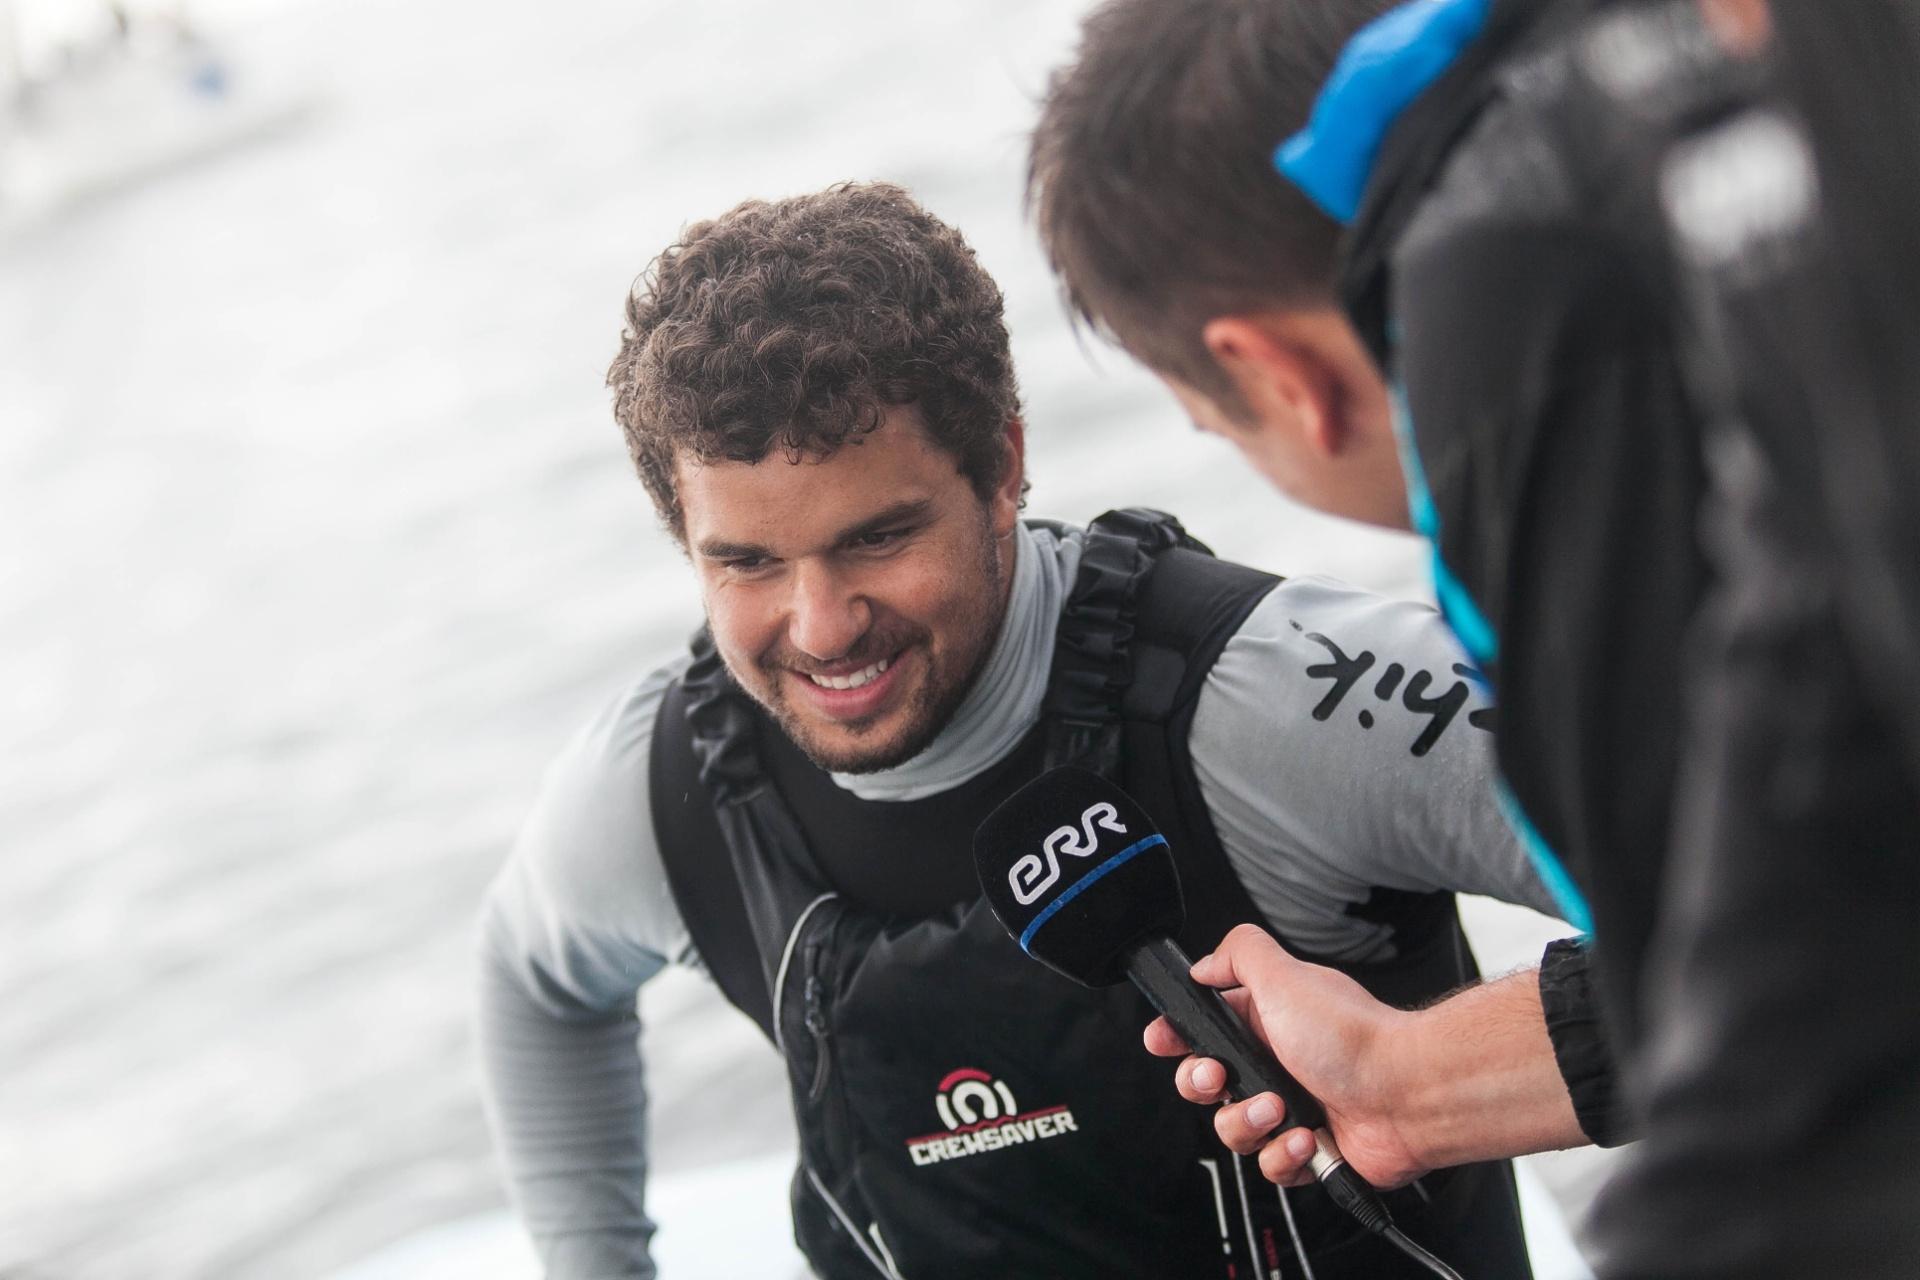 Campeão mundial e líder mundial da classe Finn, velejador Jorge Zarif é flagrado em antidoping